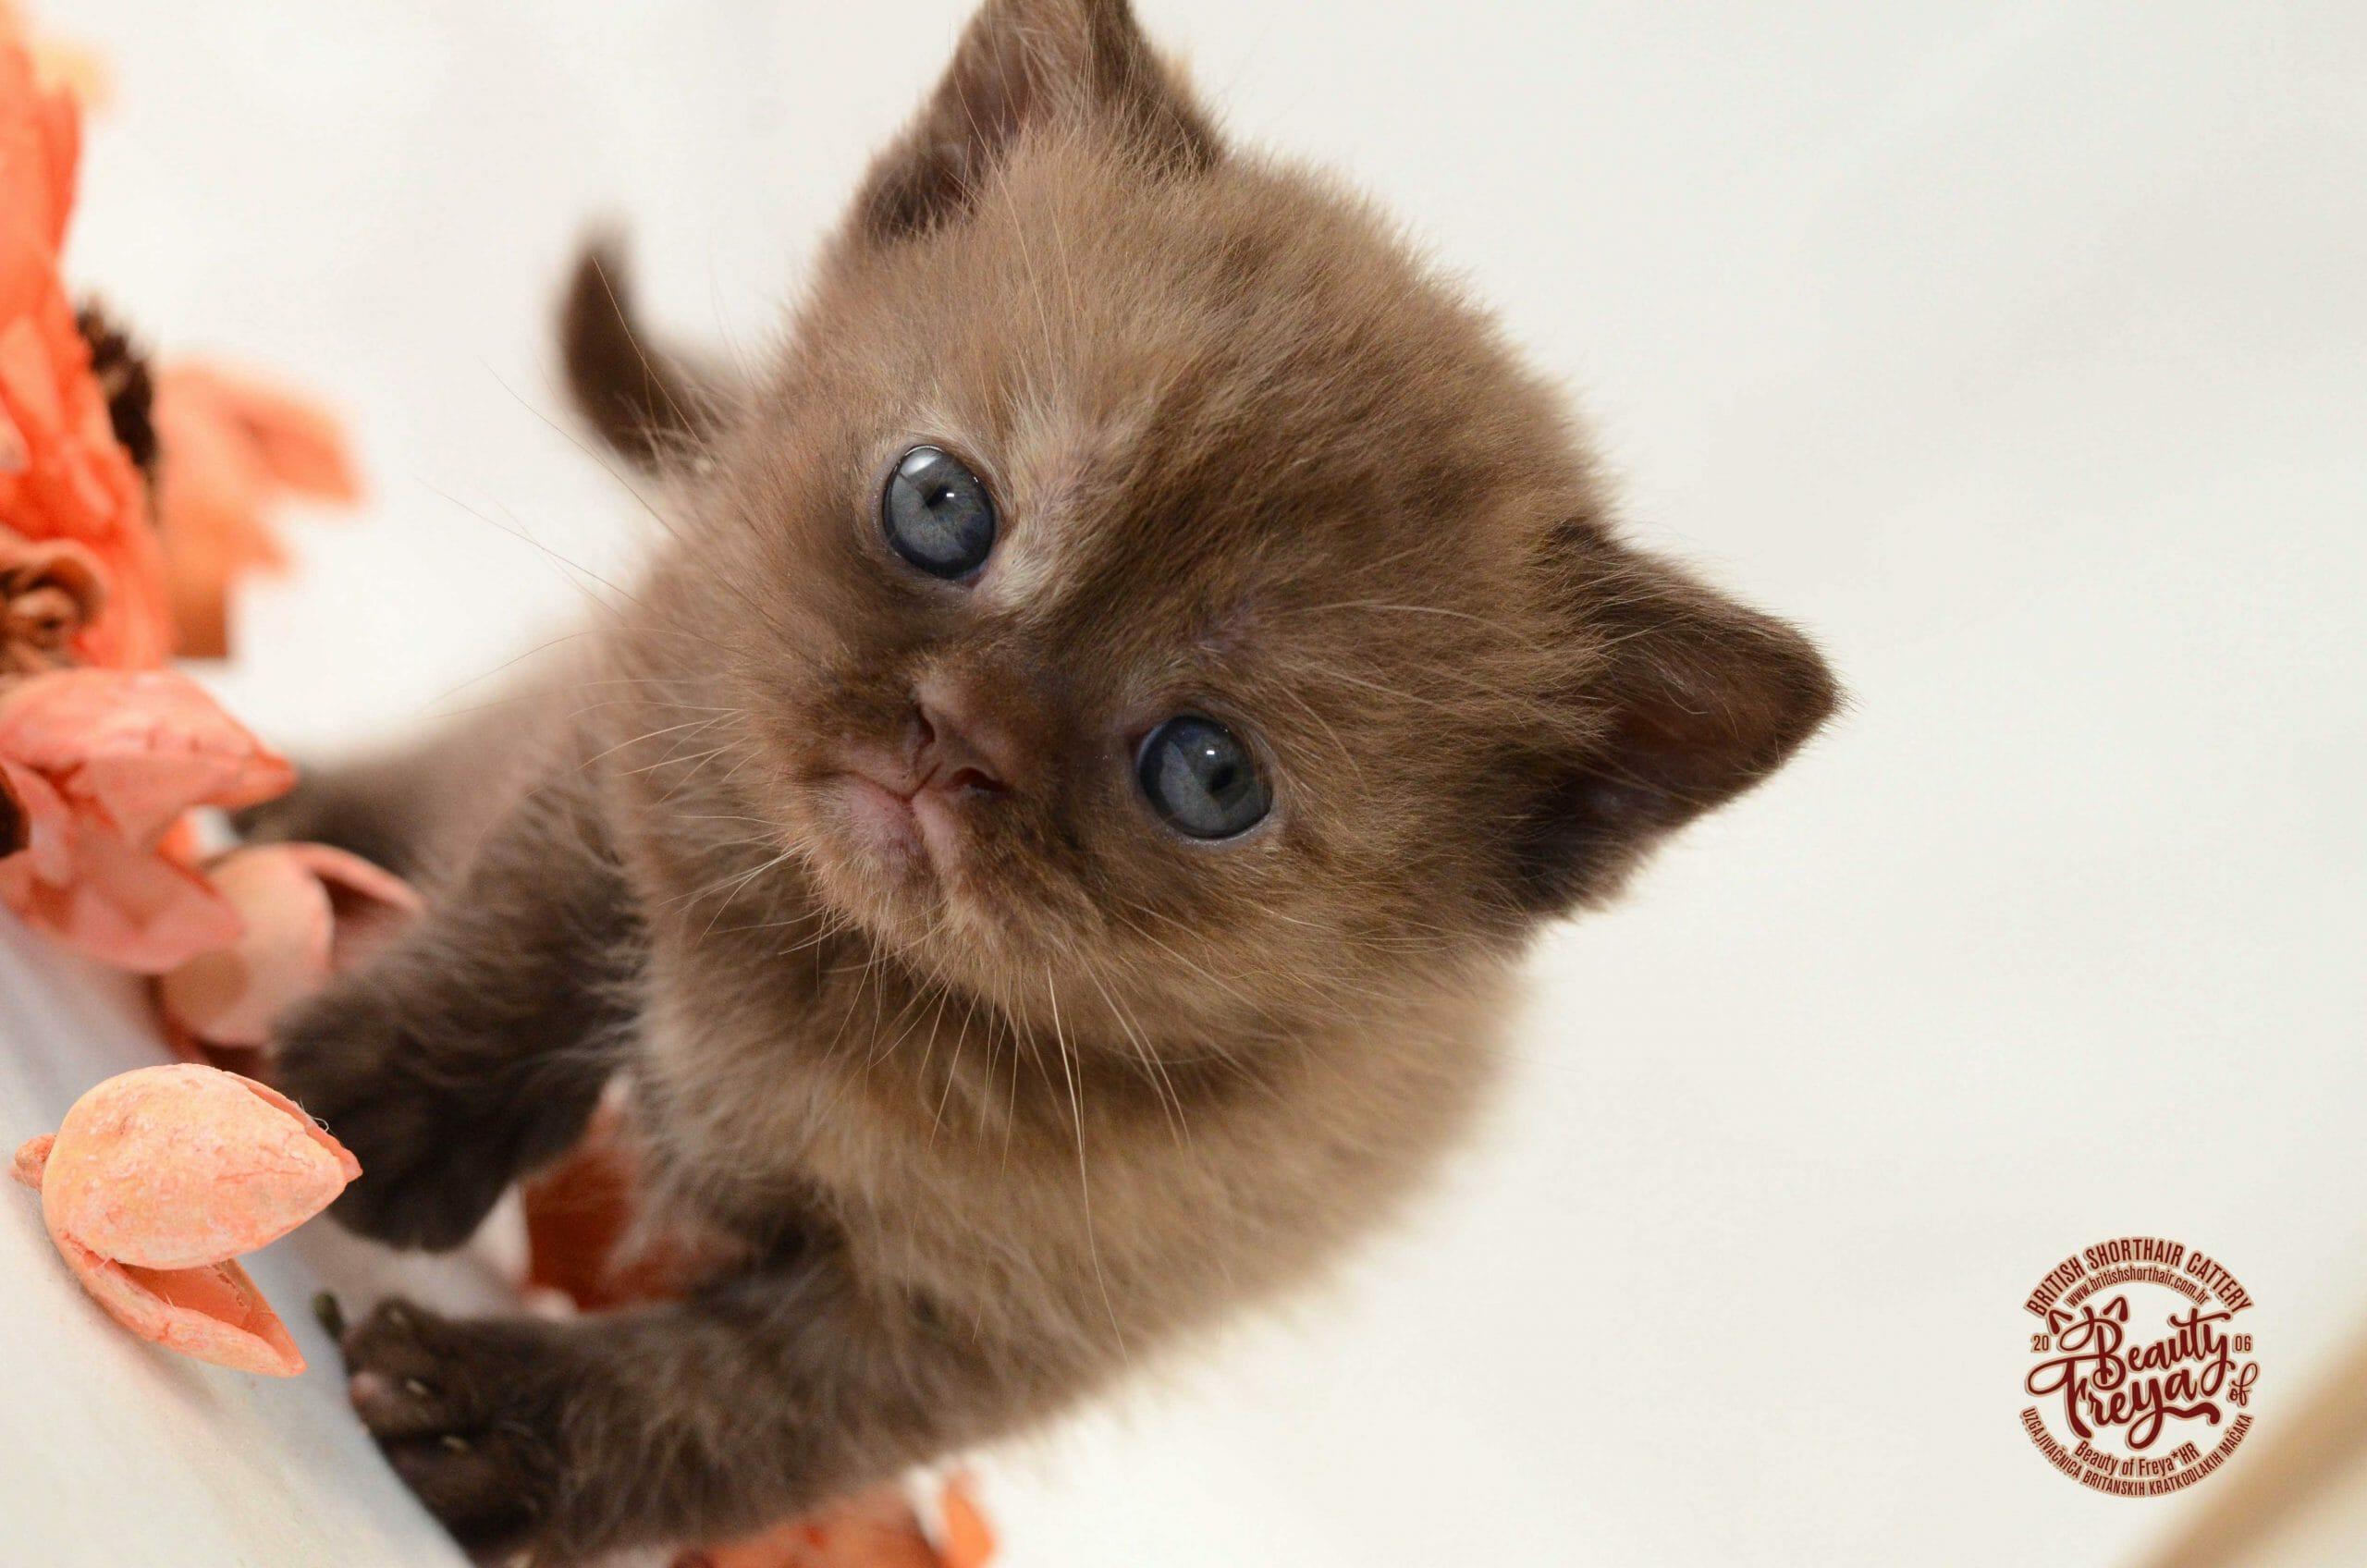 sićušna debela maca naiket djevojke